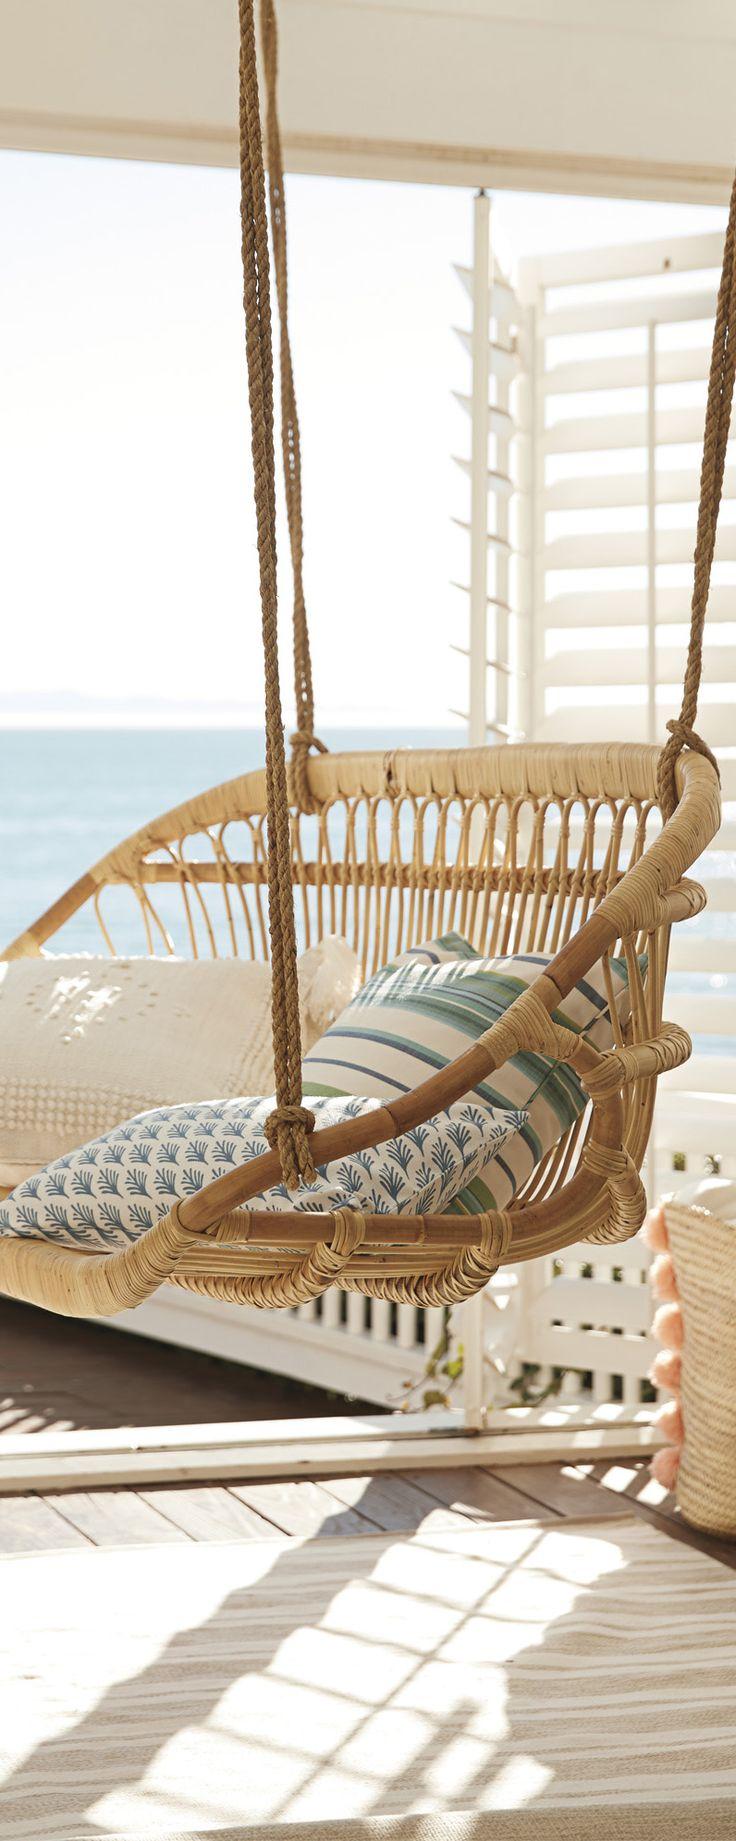 Swinging Bench   Coastal Style Decorating